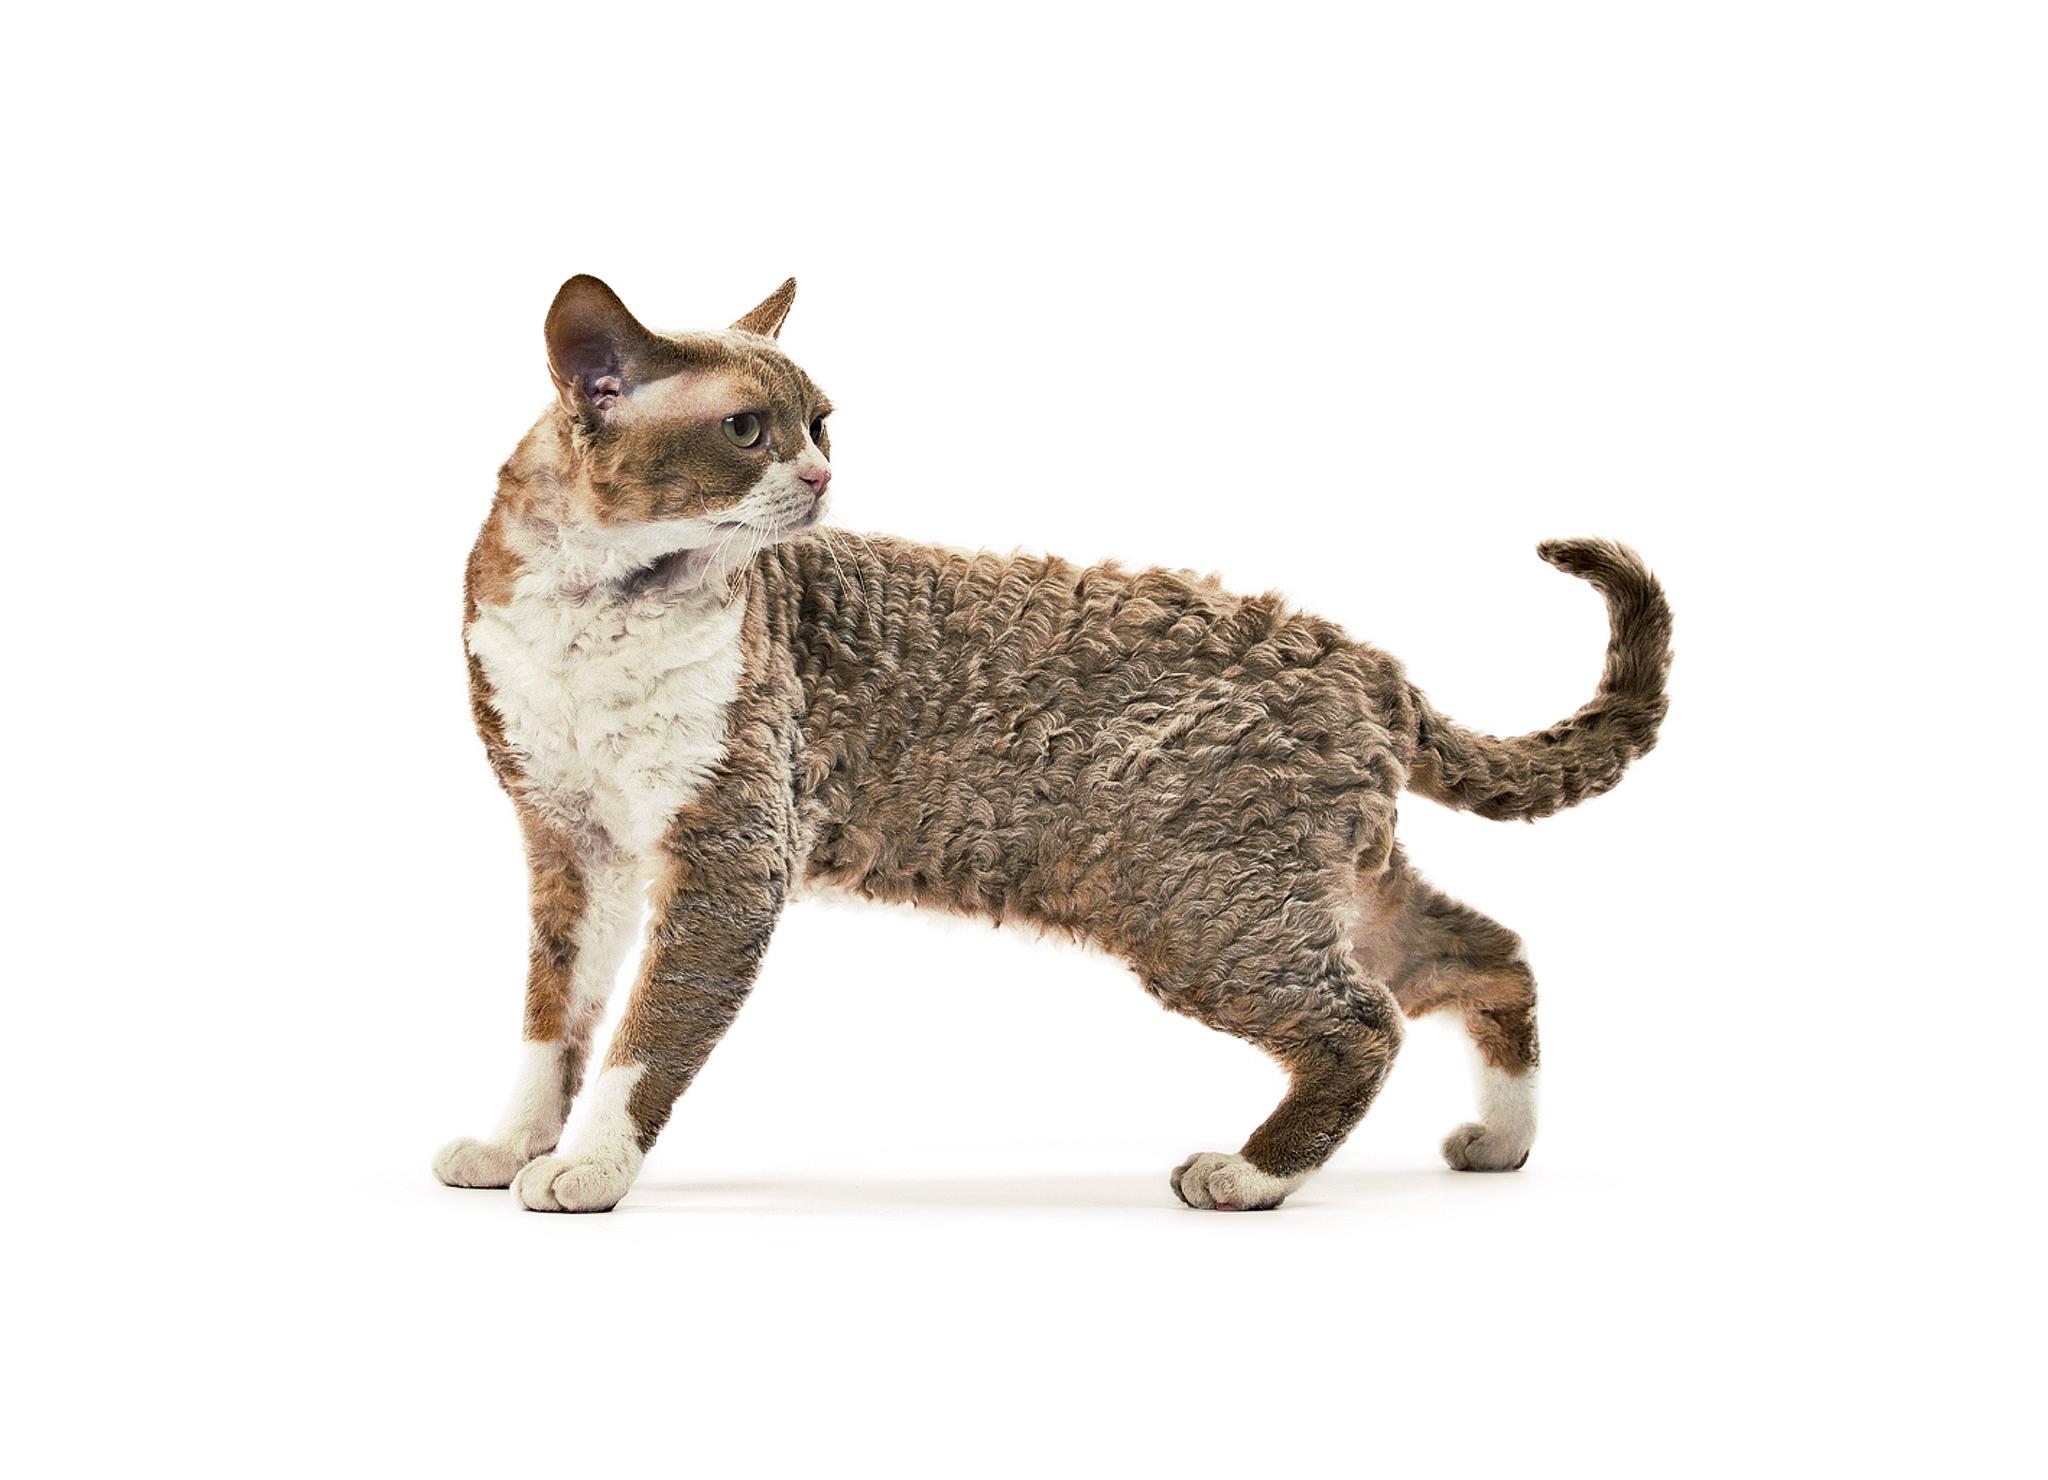 Описание породы корниш-рекс: цена кошек, сколько минимум стоит котёнок  корниш-рекса — фото и стоимость котят | 1480x2048